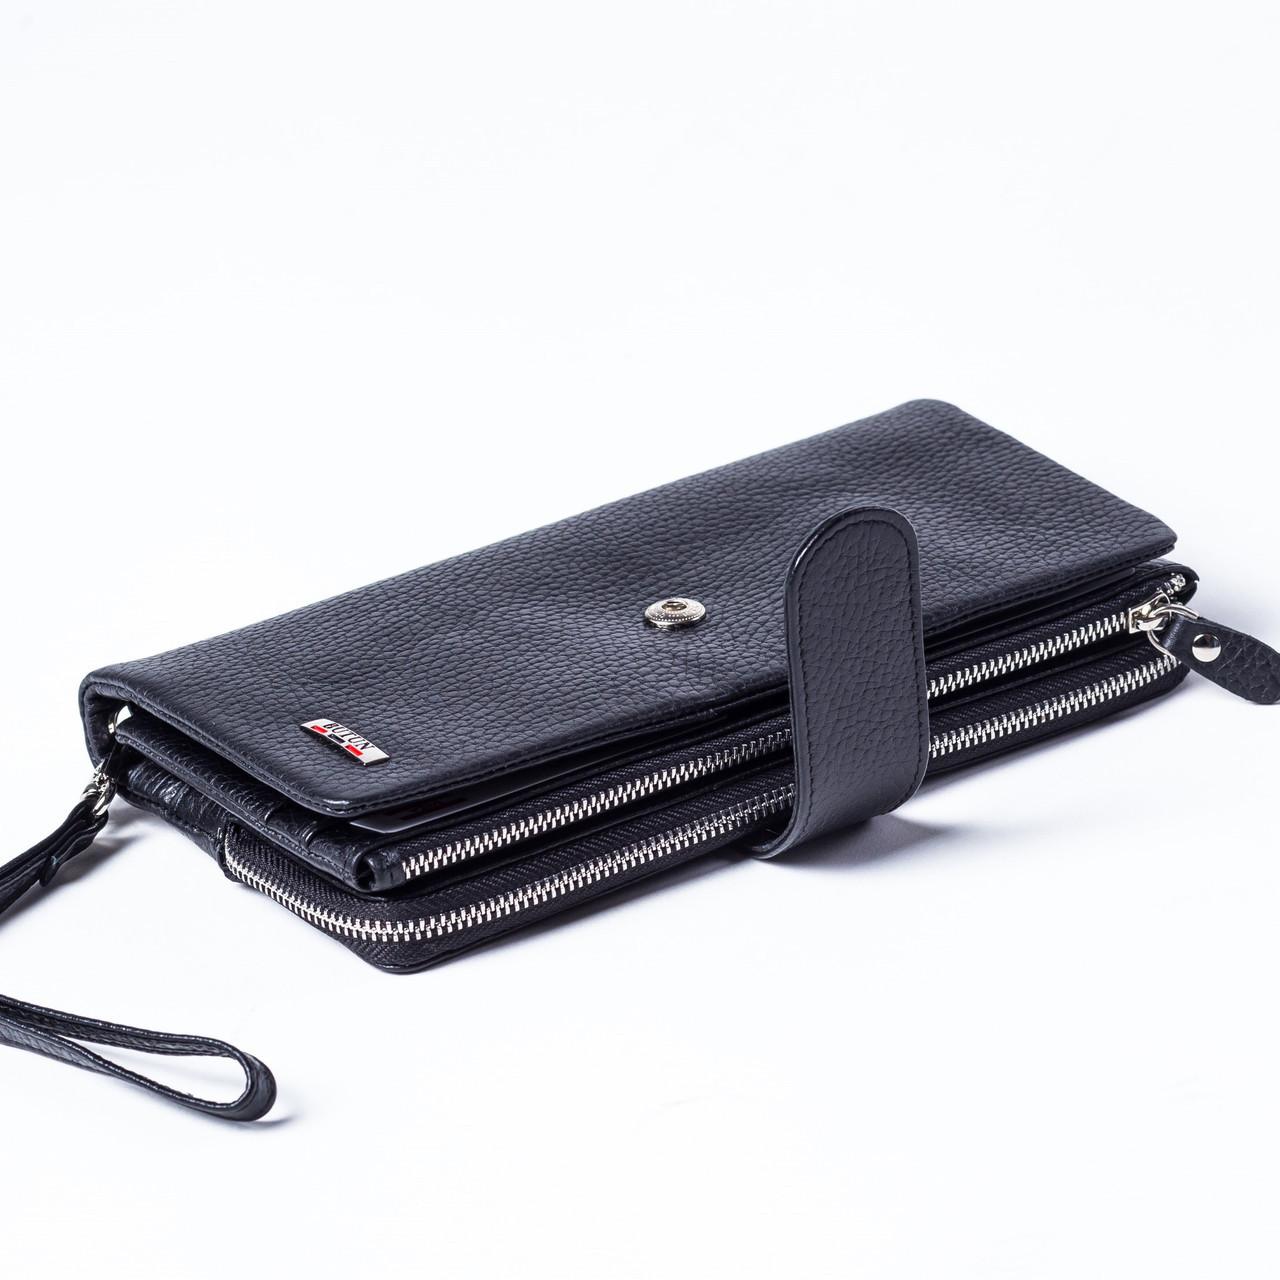 373b478760e2 Мужской кошелек клатч кожаный черный BUTUN 022-004-001 - Інтернет-магазин